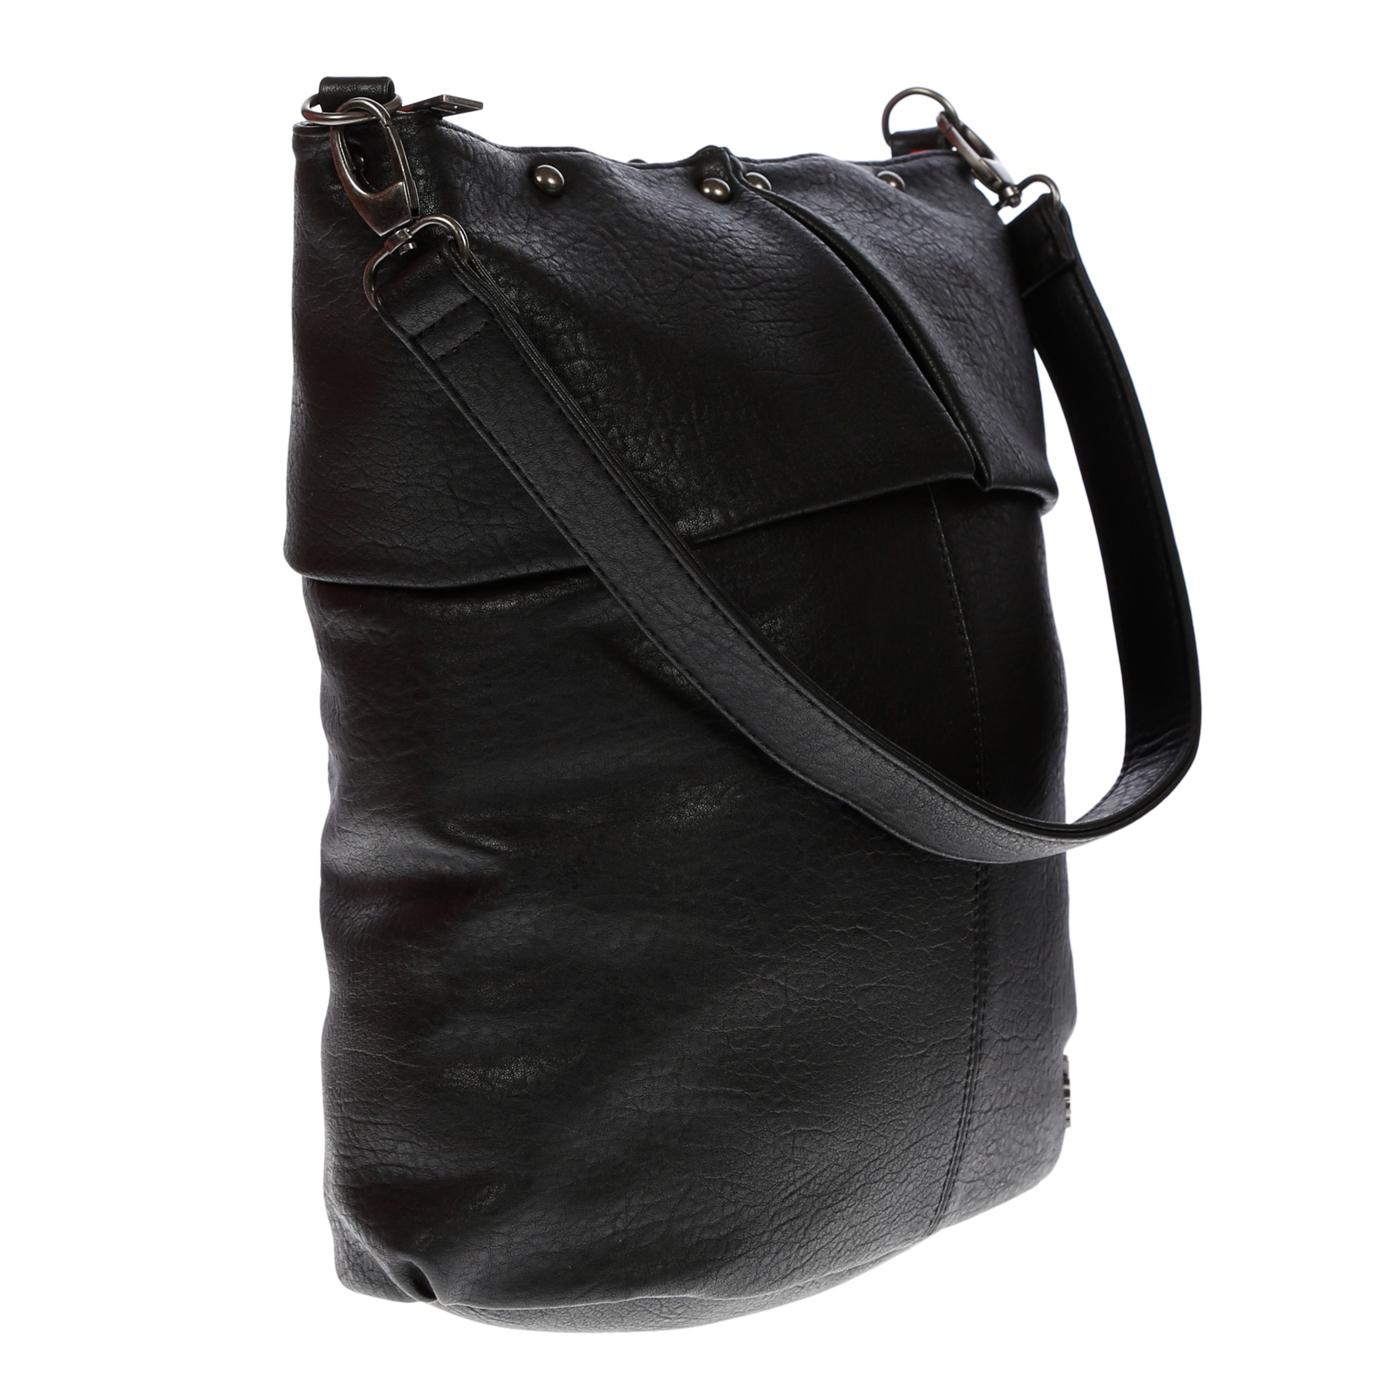 Damentasche-Umhaengetasche-Handtasche-Schultertasche-Leder-Optik-Tasche-Schwarz Indexbild 7